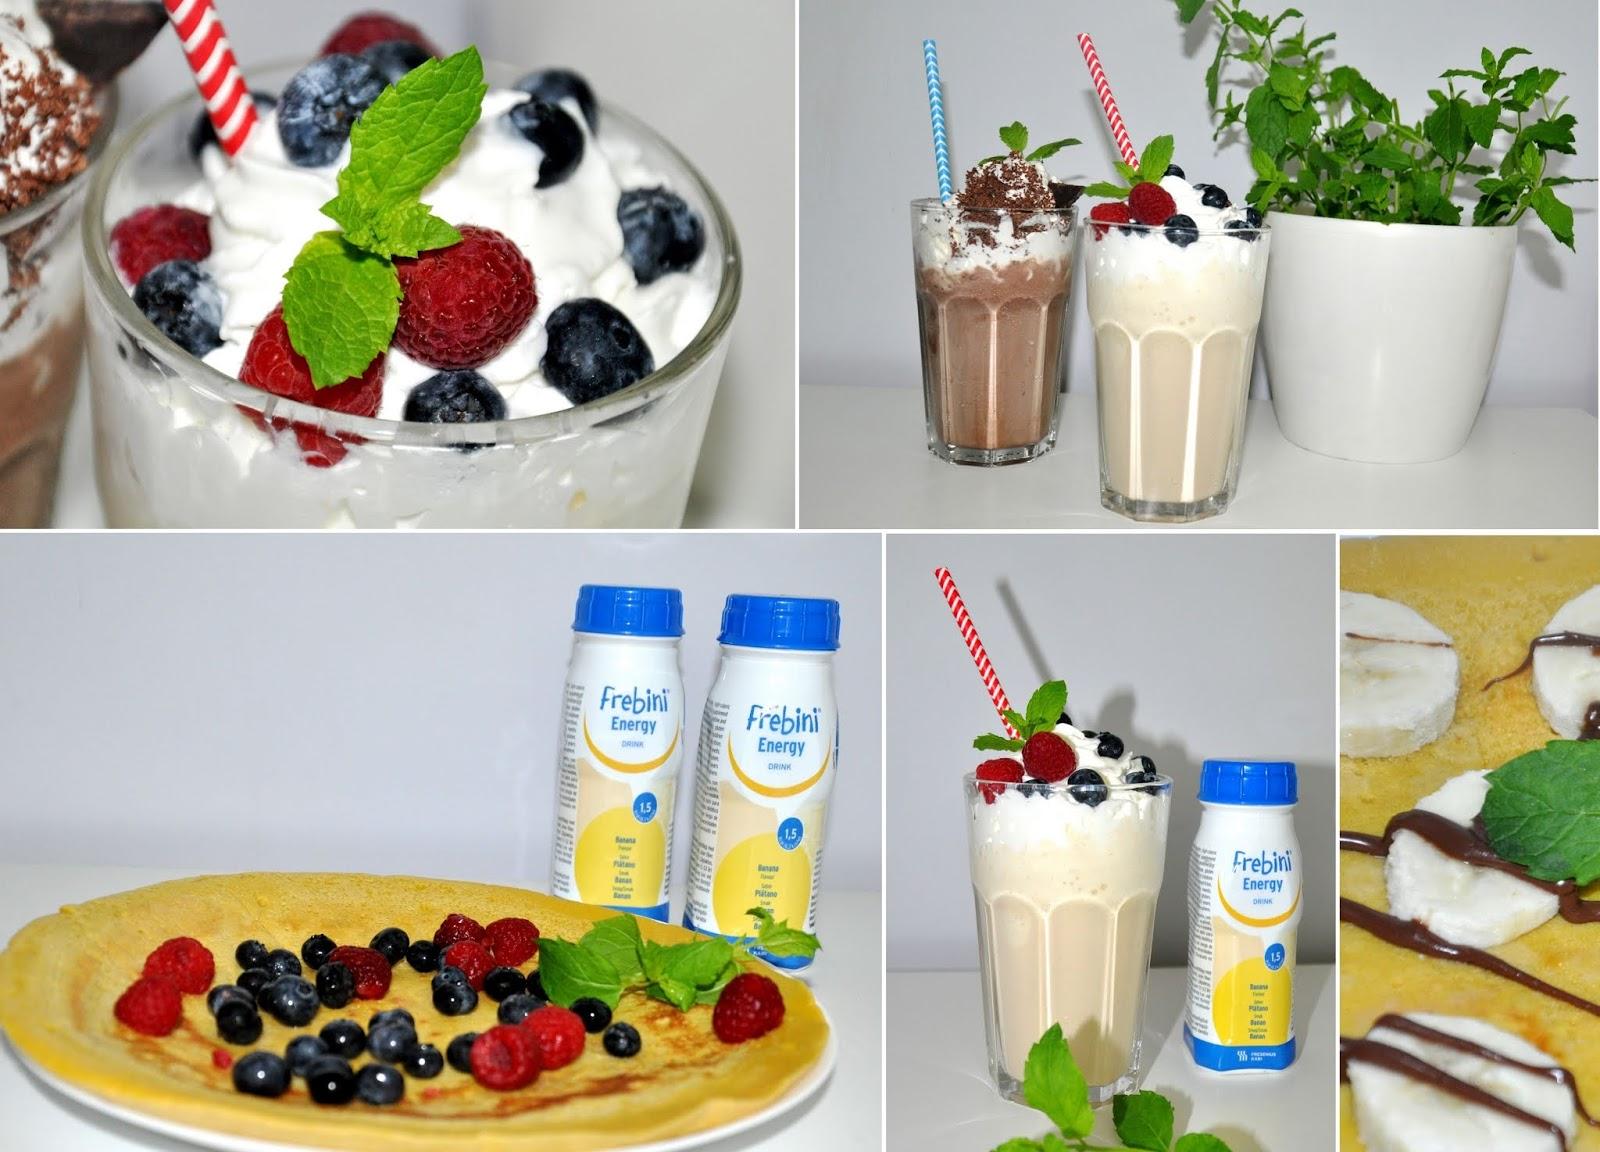 Żywienie ma znaczenie cz.II - odżywcze desery na bazie Frebini i KONKURS!